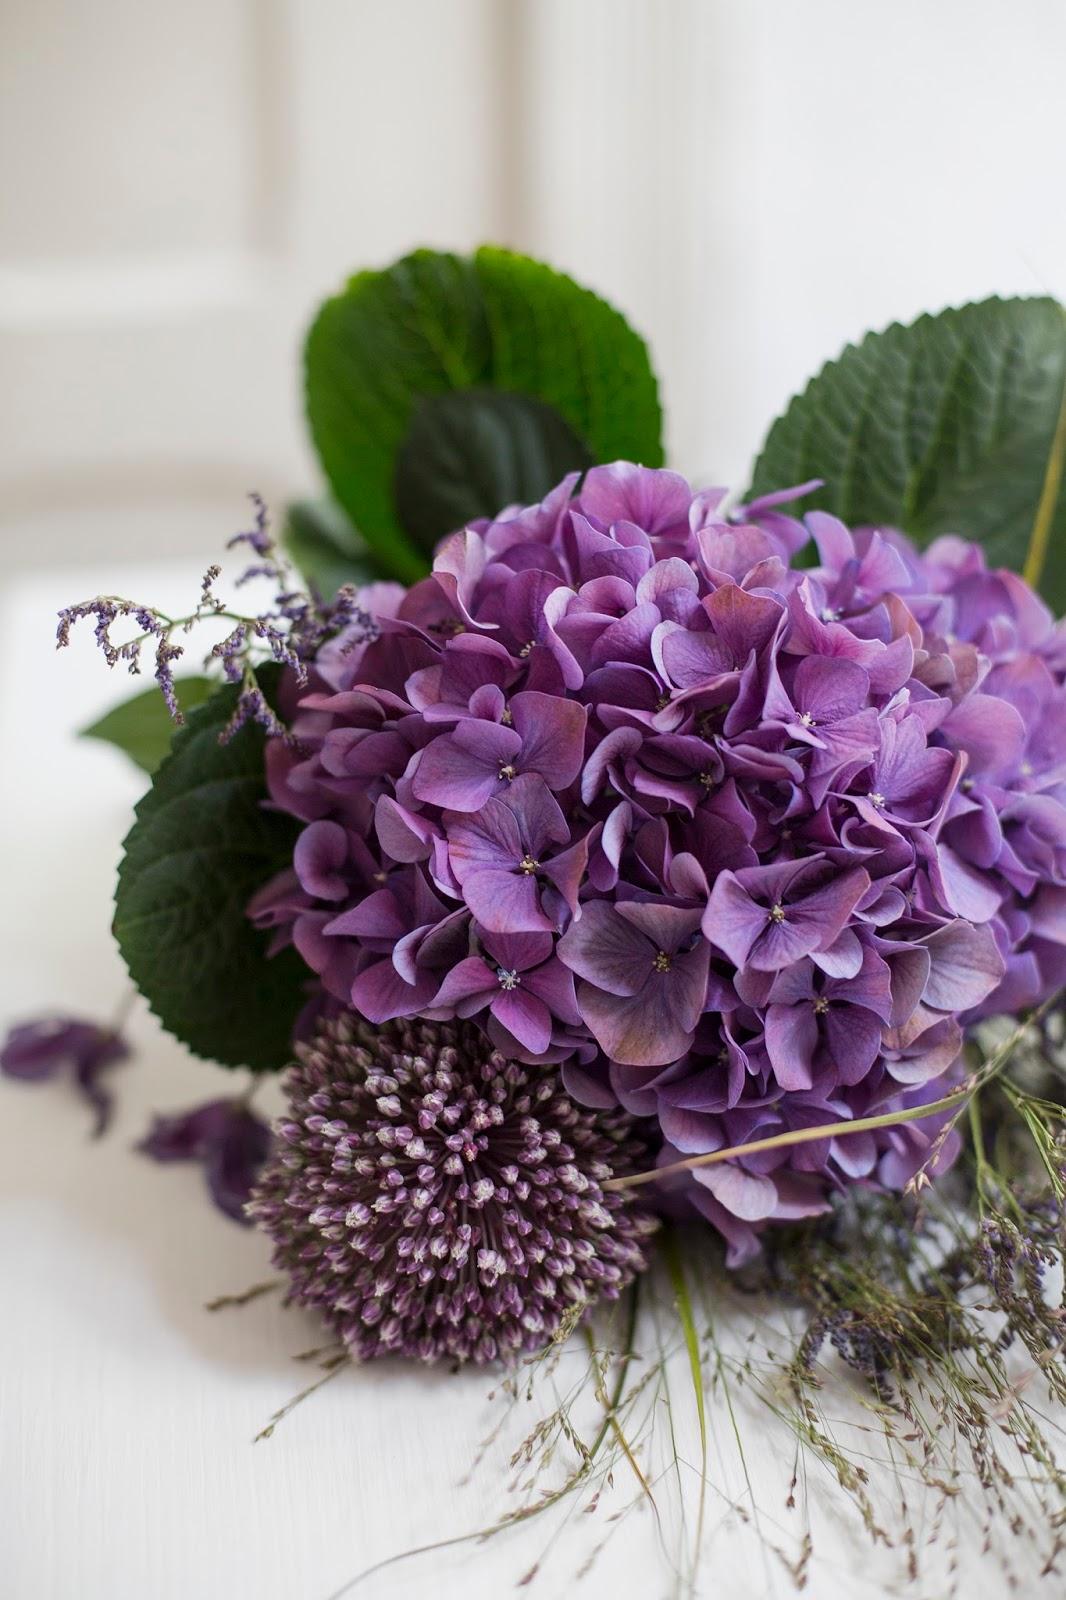 September Blumen in sattem Lila  detail lovin